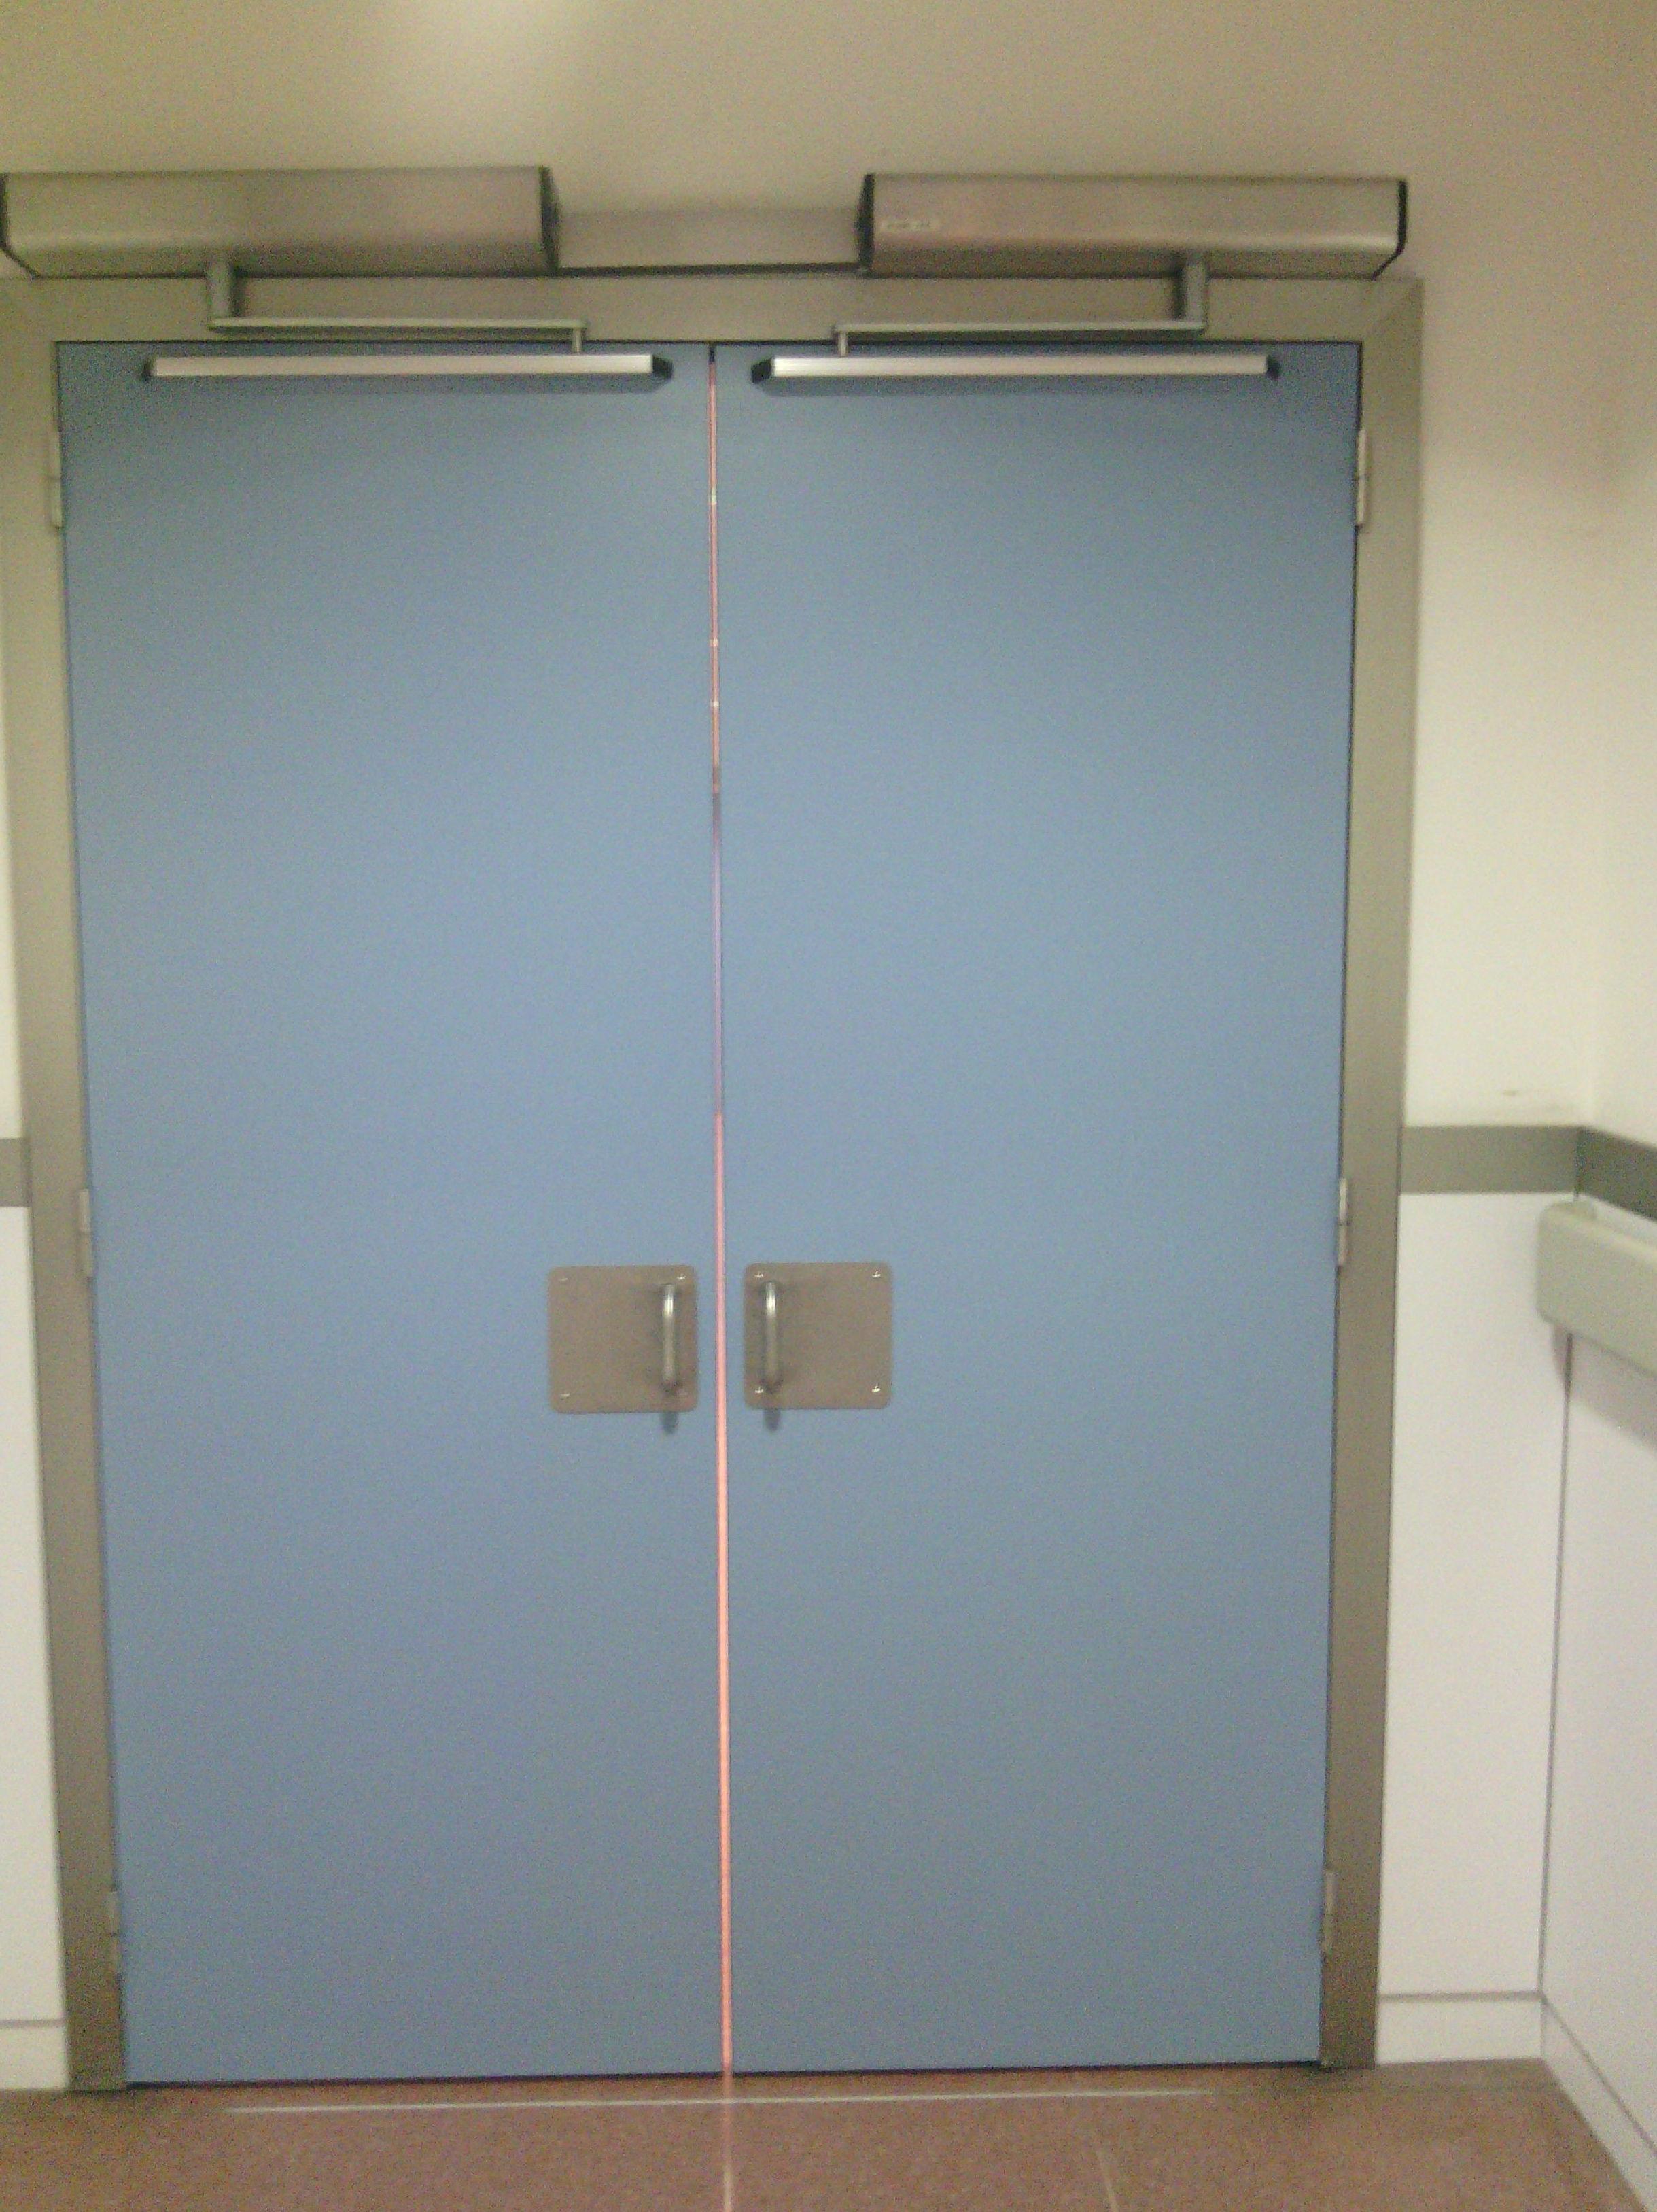 Puerta batiente Automática con Brazos Articulados